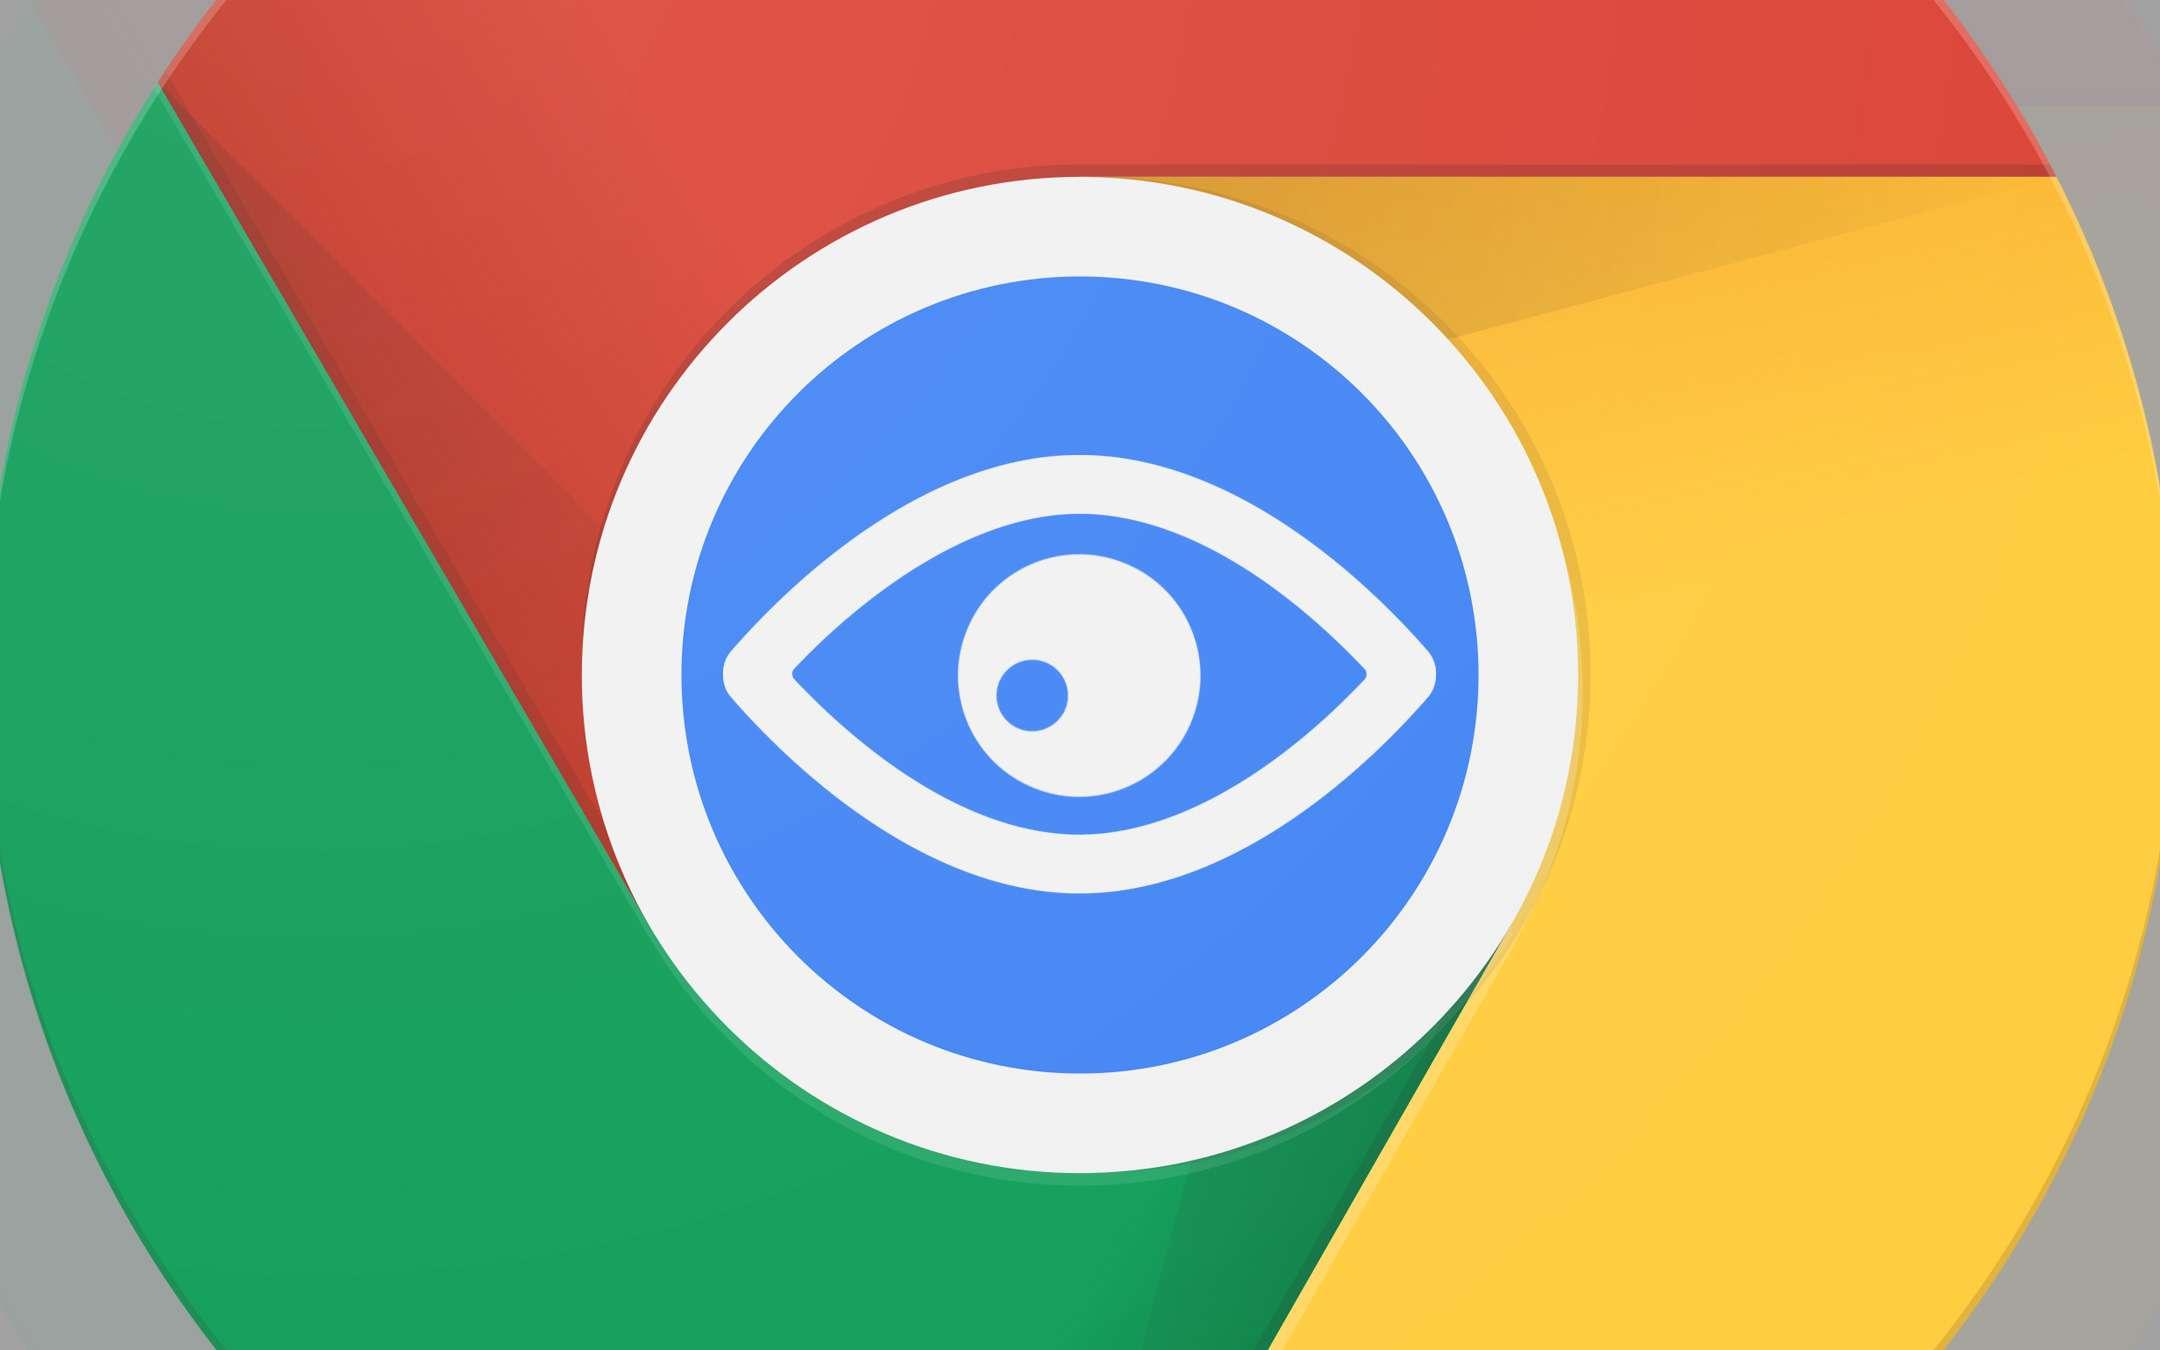 Chrome, privacy